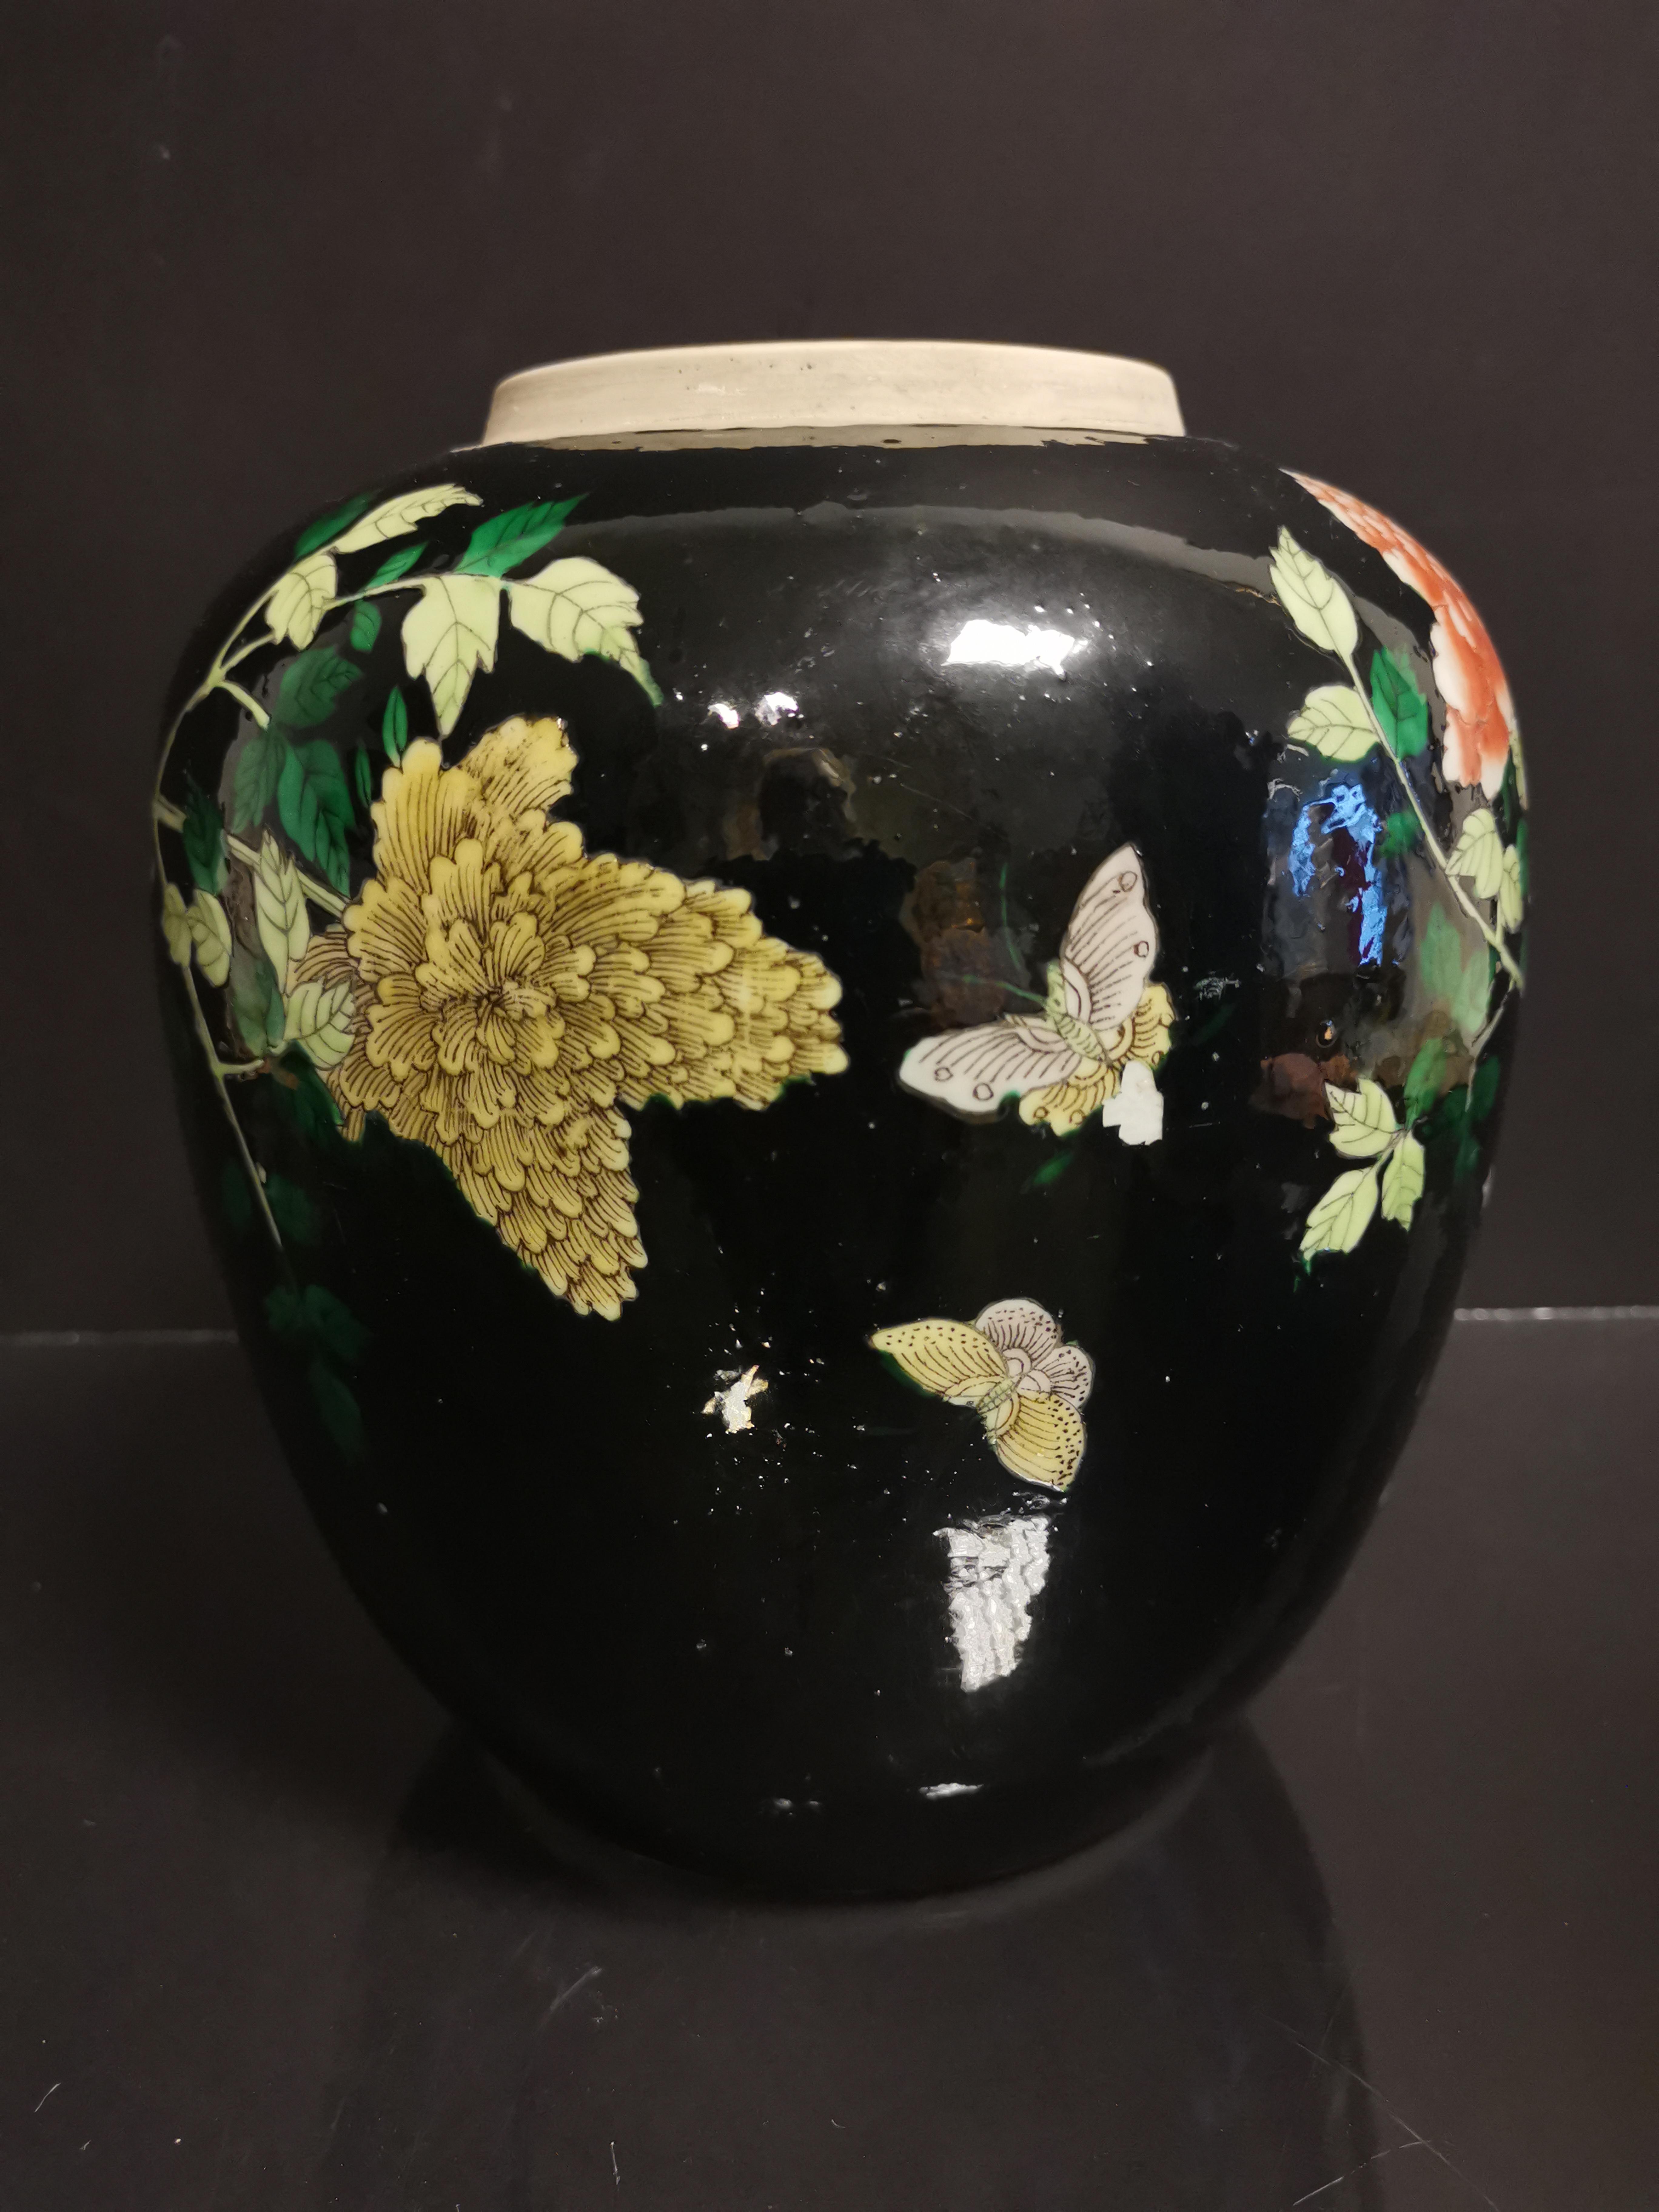 CHINE. Pot en porcelaine à décor de pivoines, animaux, papillons sur fond noir, fin [...] - Image 3 of 4